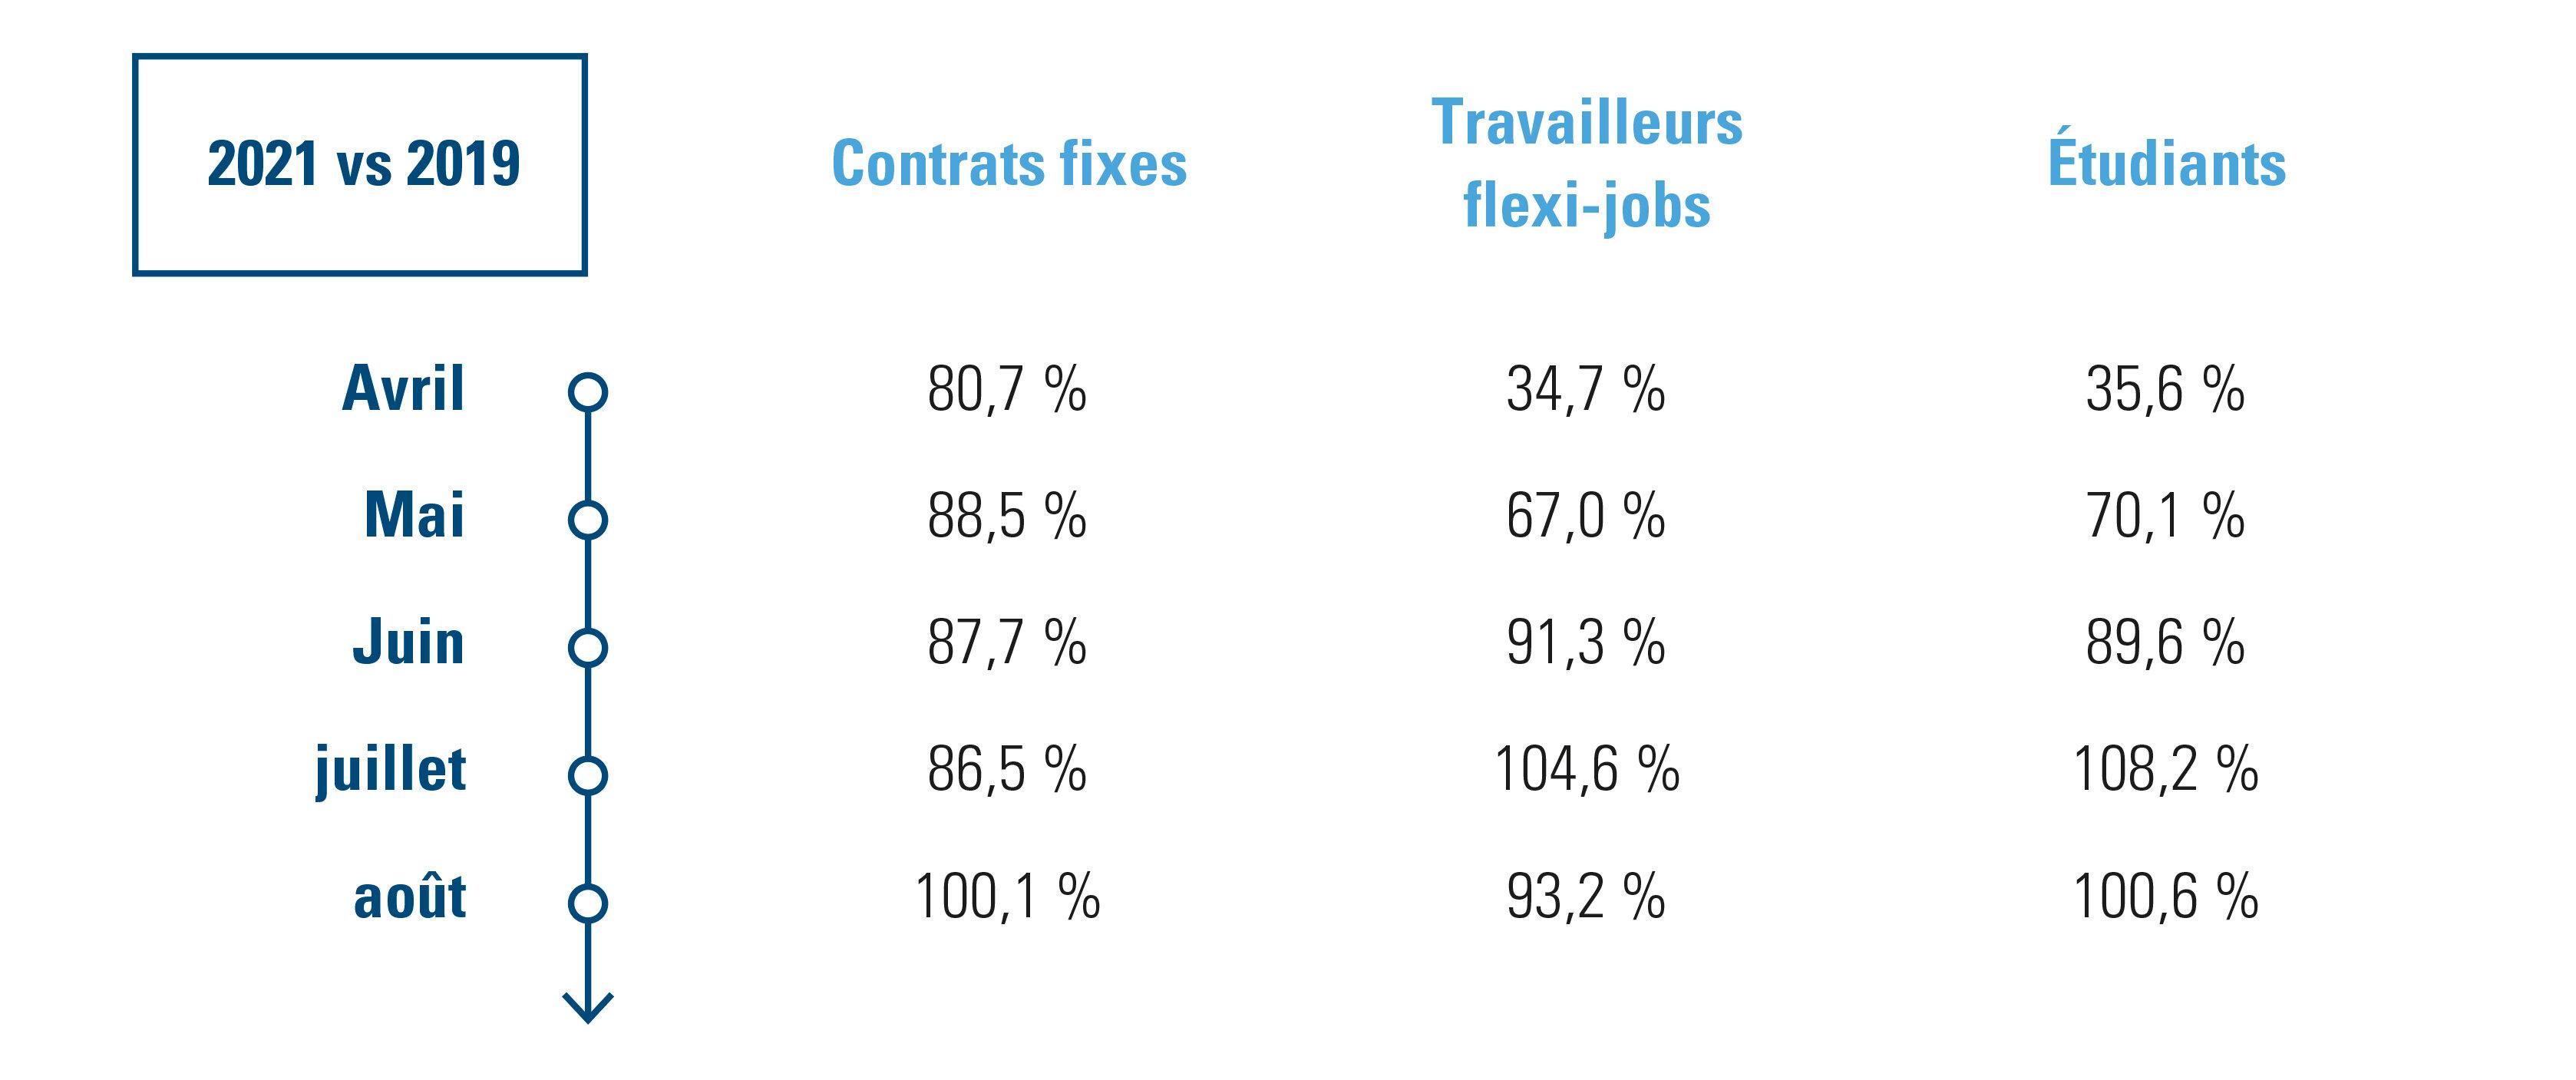 emploi dans les établissements de restauration et débits de boissons belges – Contrats fixes, travailleurs flexi-jobs et étudiants – 2021 vs 2019